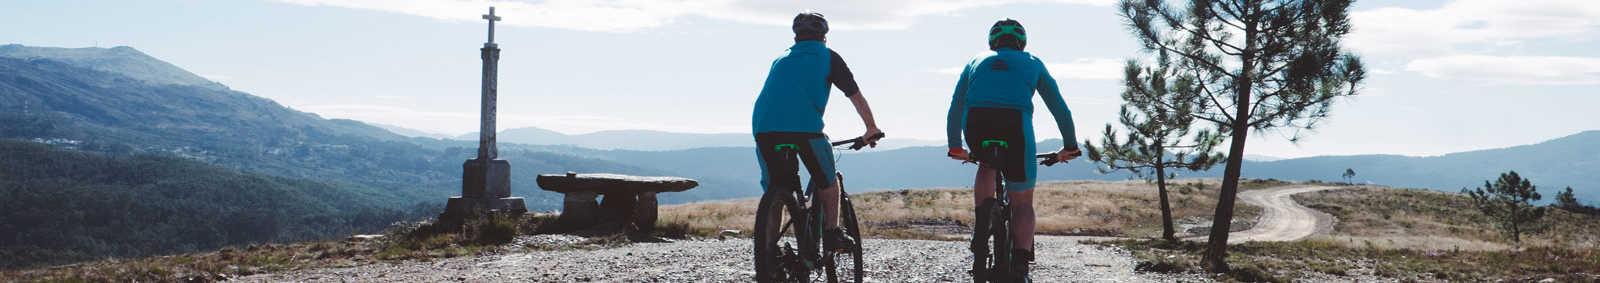 Mountain Biking in Portugal